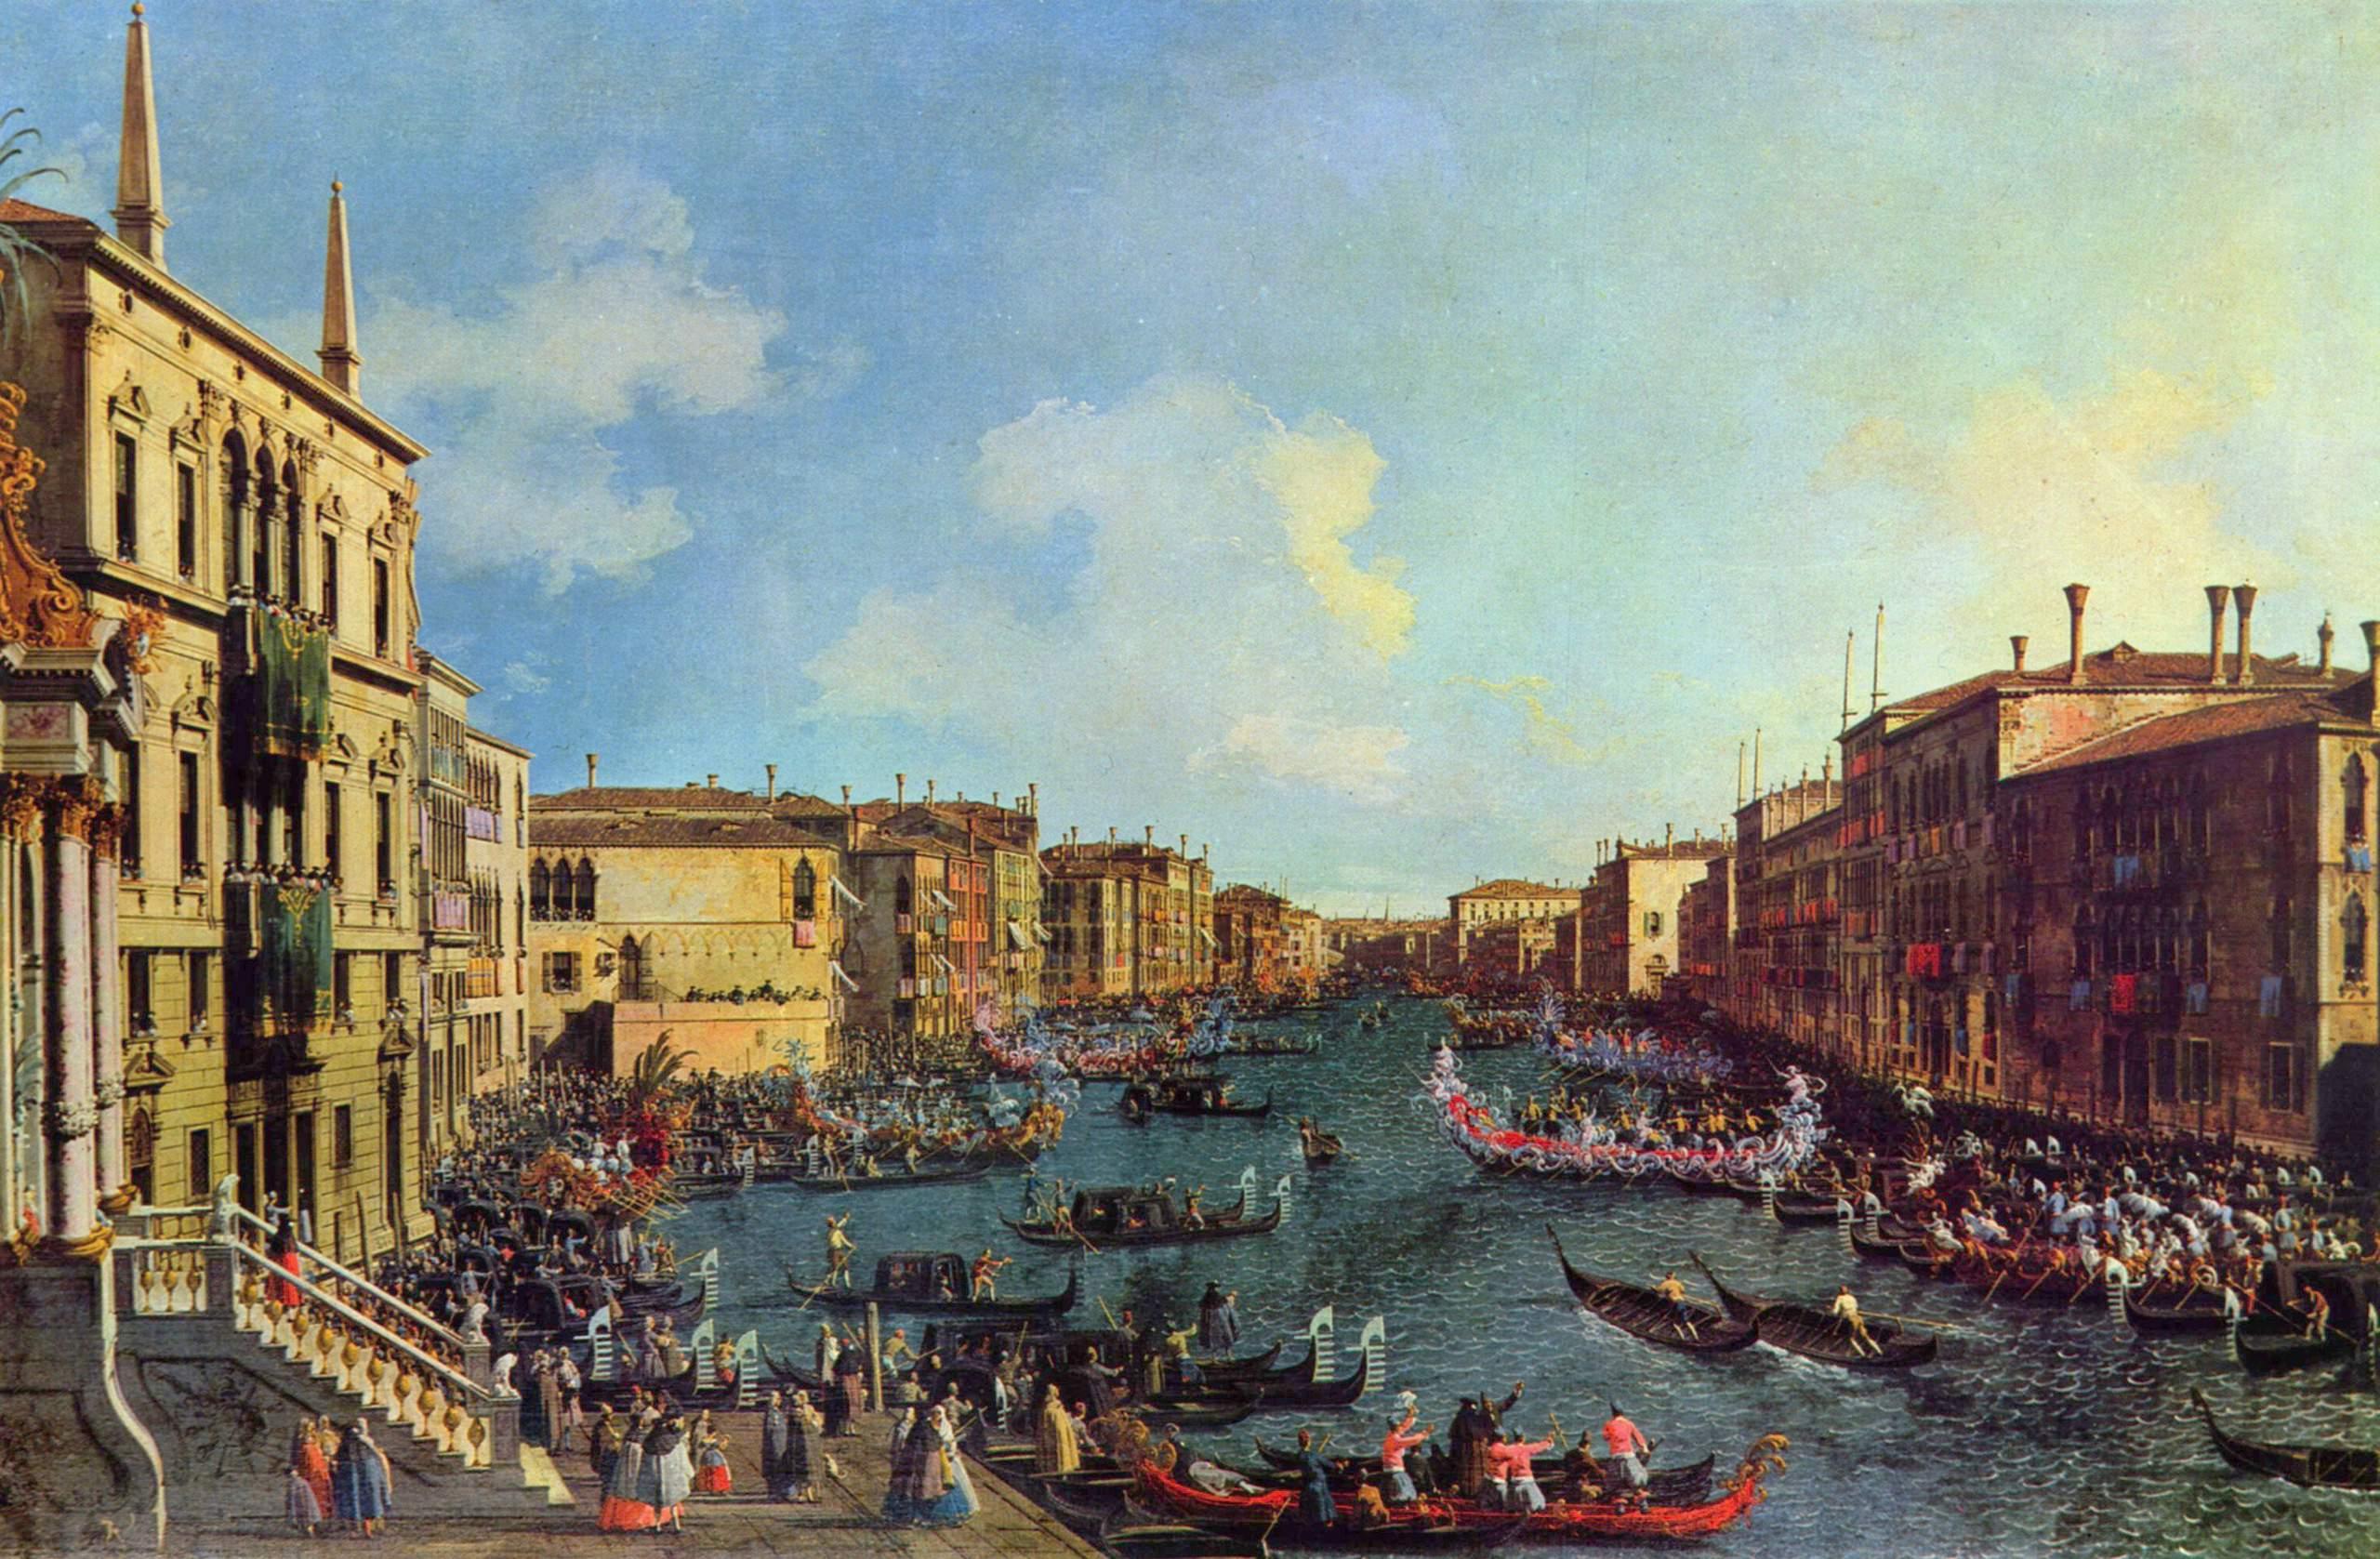 Регата, вид со стороны Палаццо Фоскари, Антонио Каналетто 2